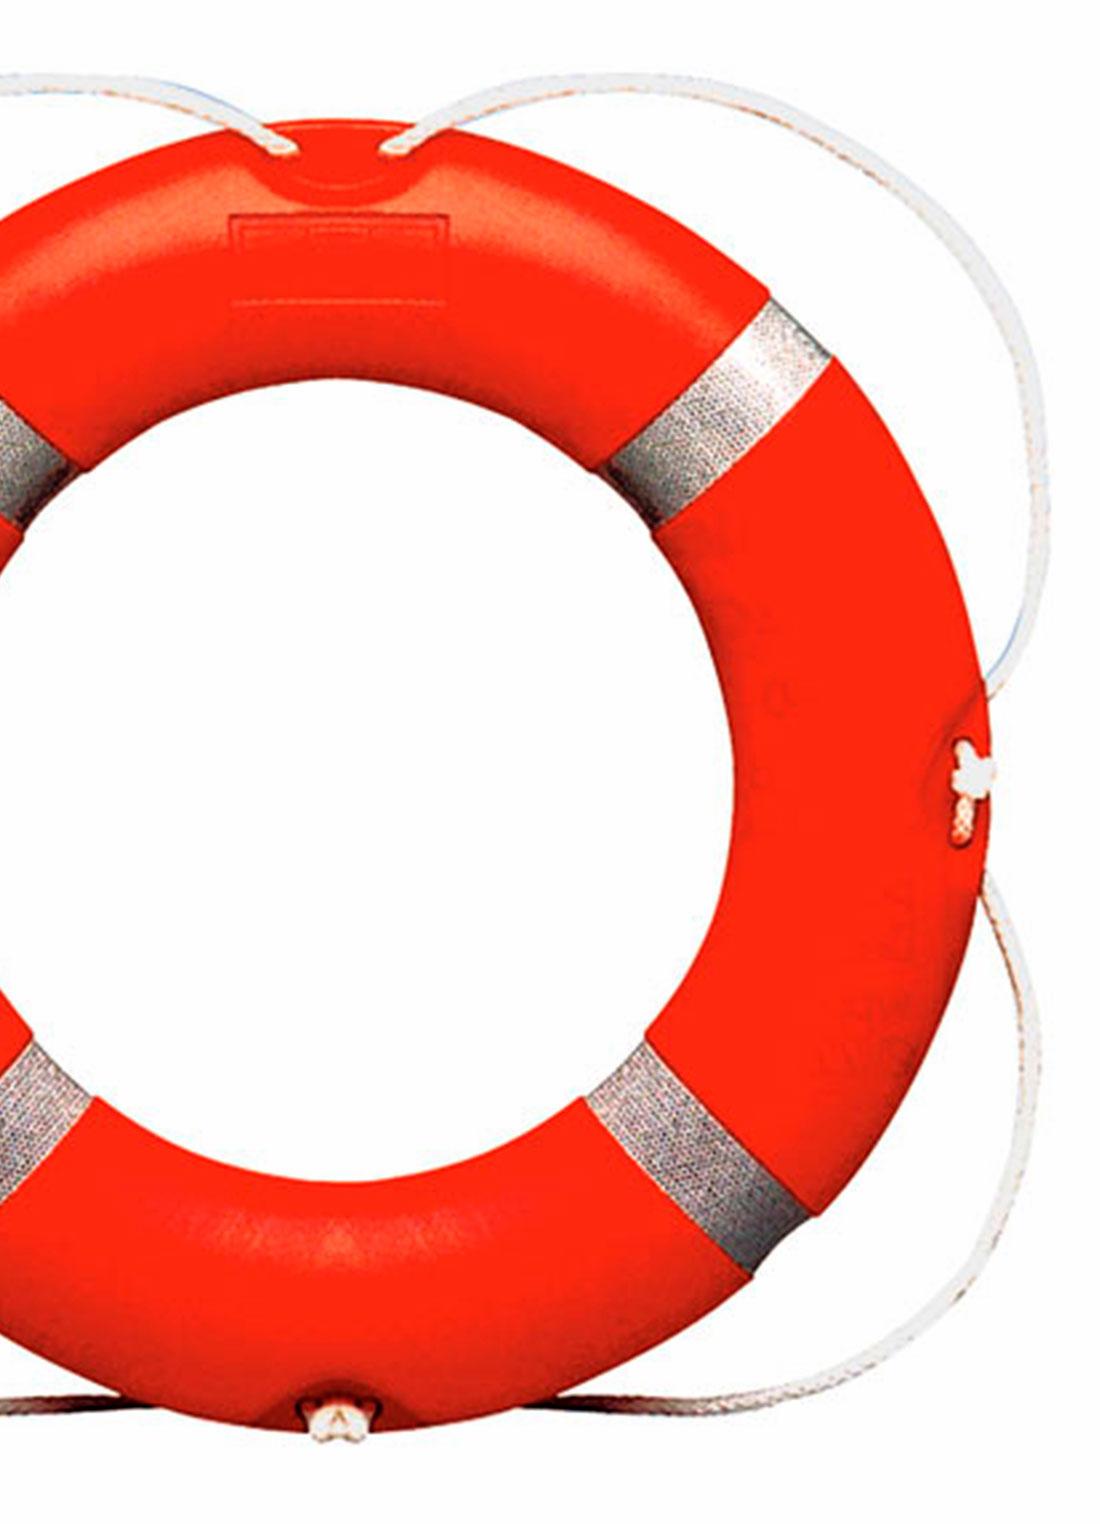 rosca lifeguard